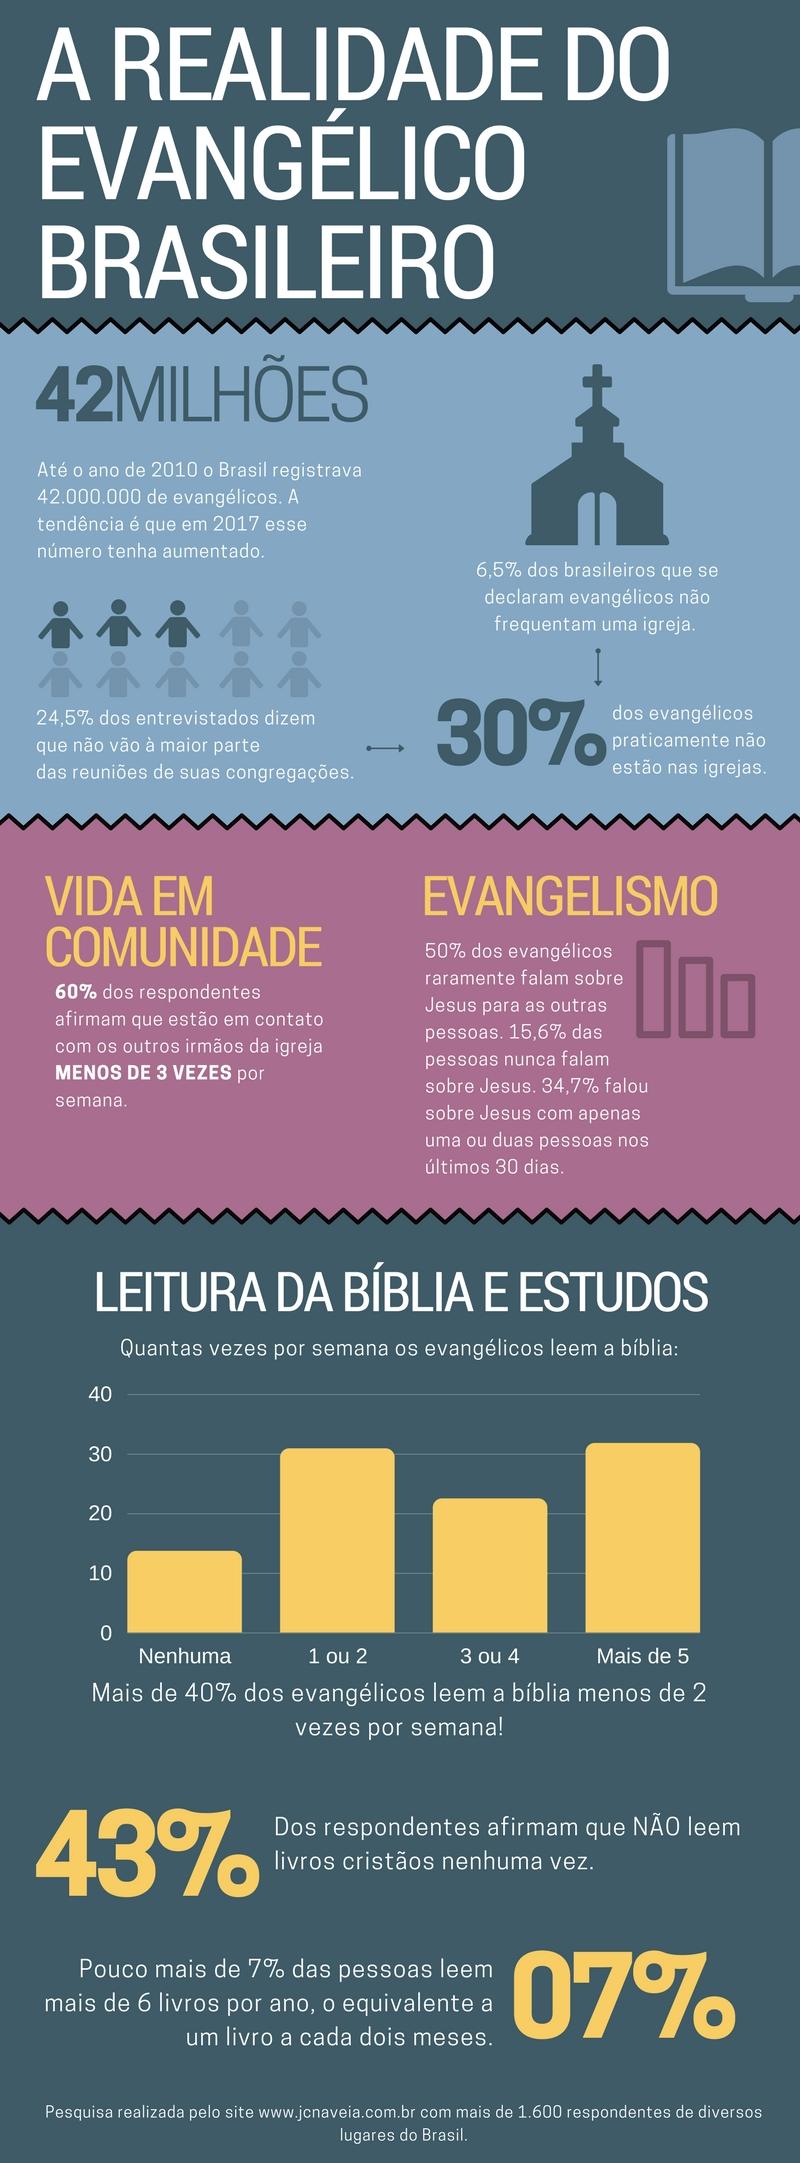 Infográfico - A realidade do evangélico brasileiro